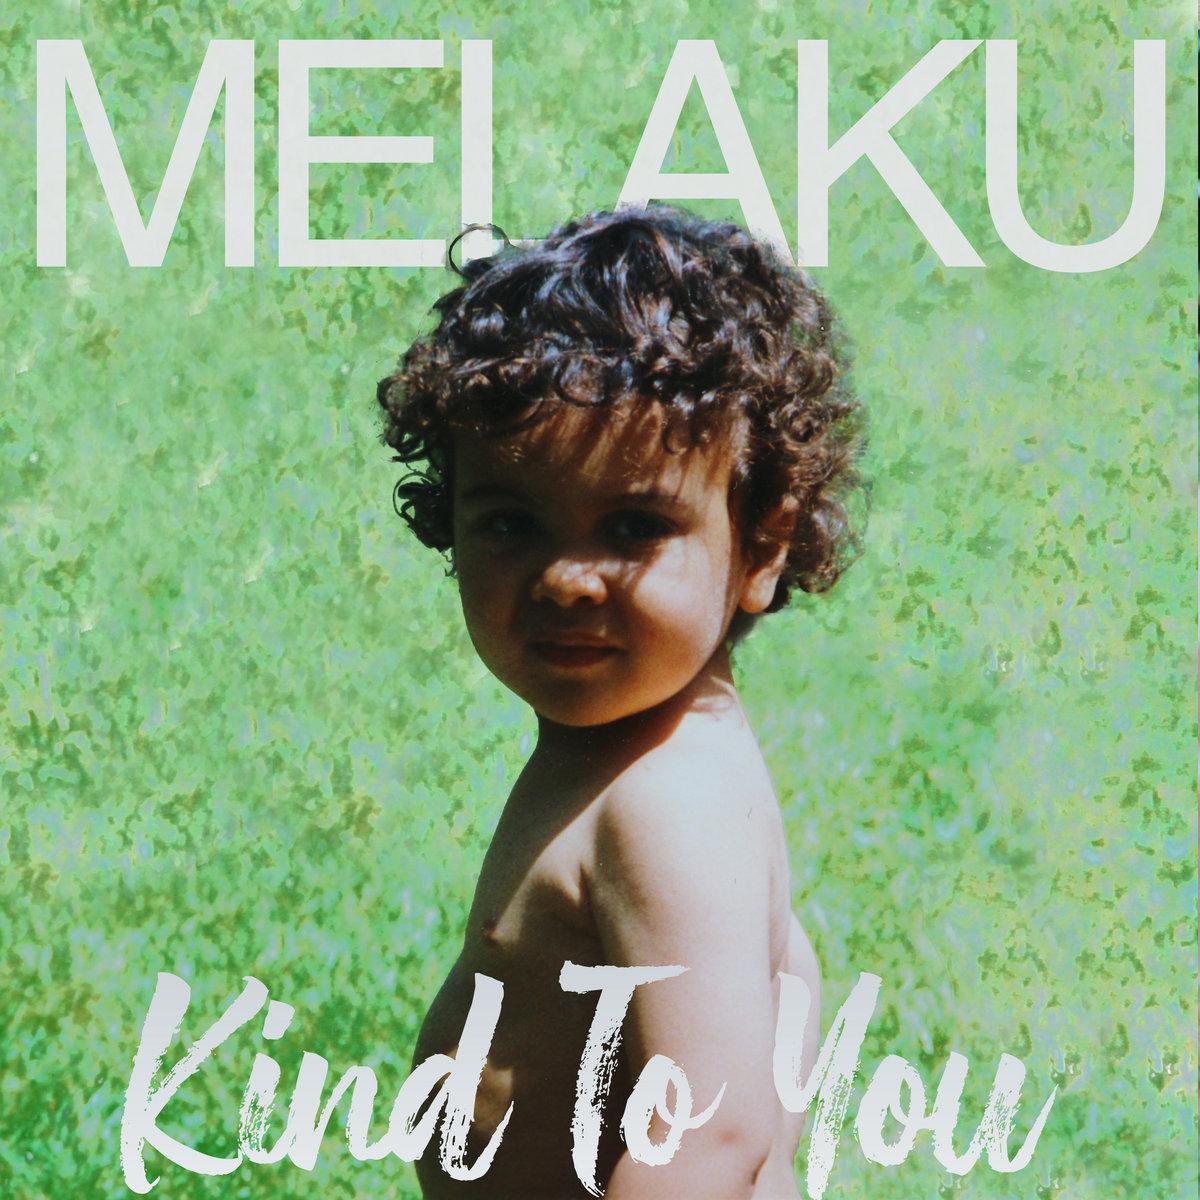 Kind To You by Melaku